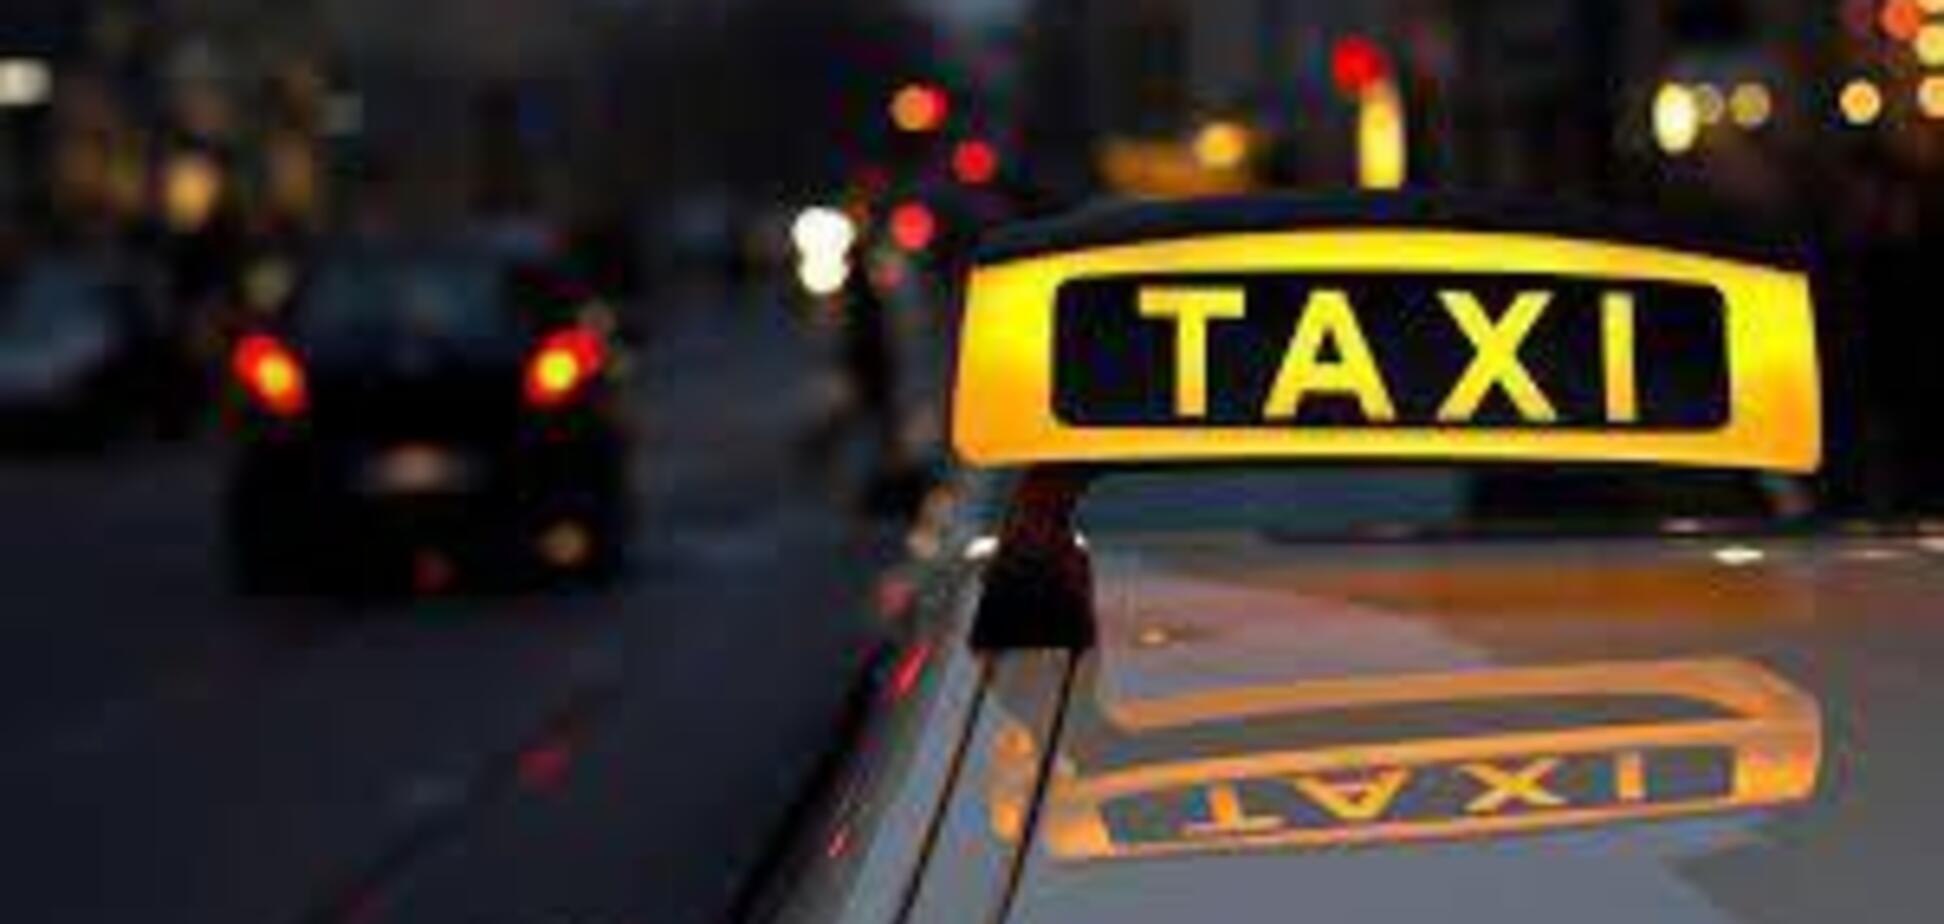 'Экспресс такси' для быстрого и комфортного перемещения в Киеве